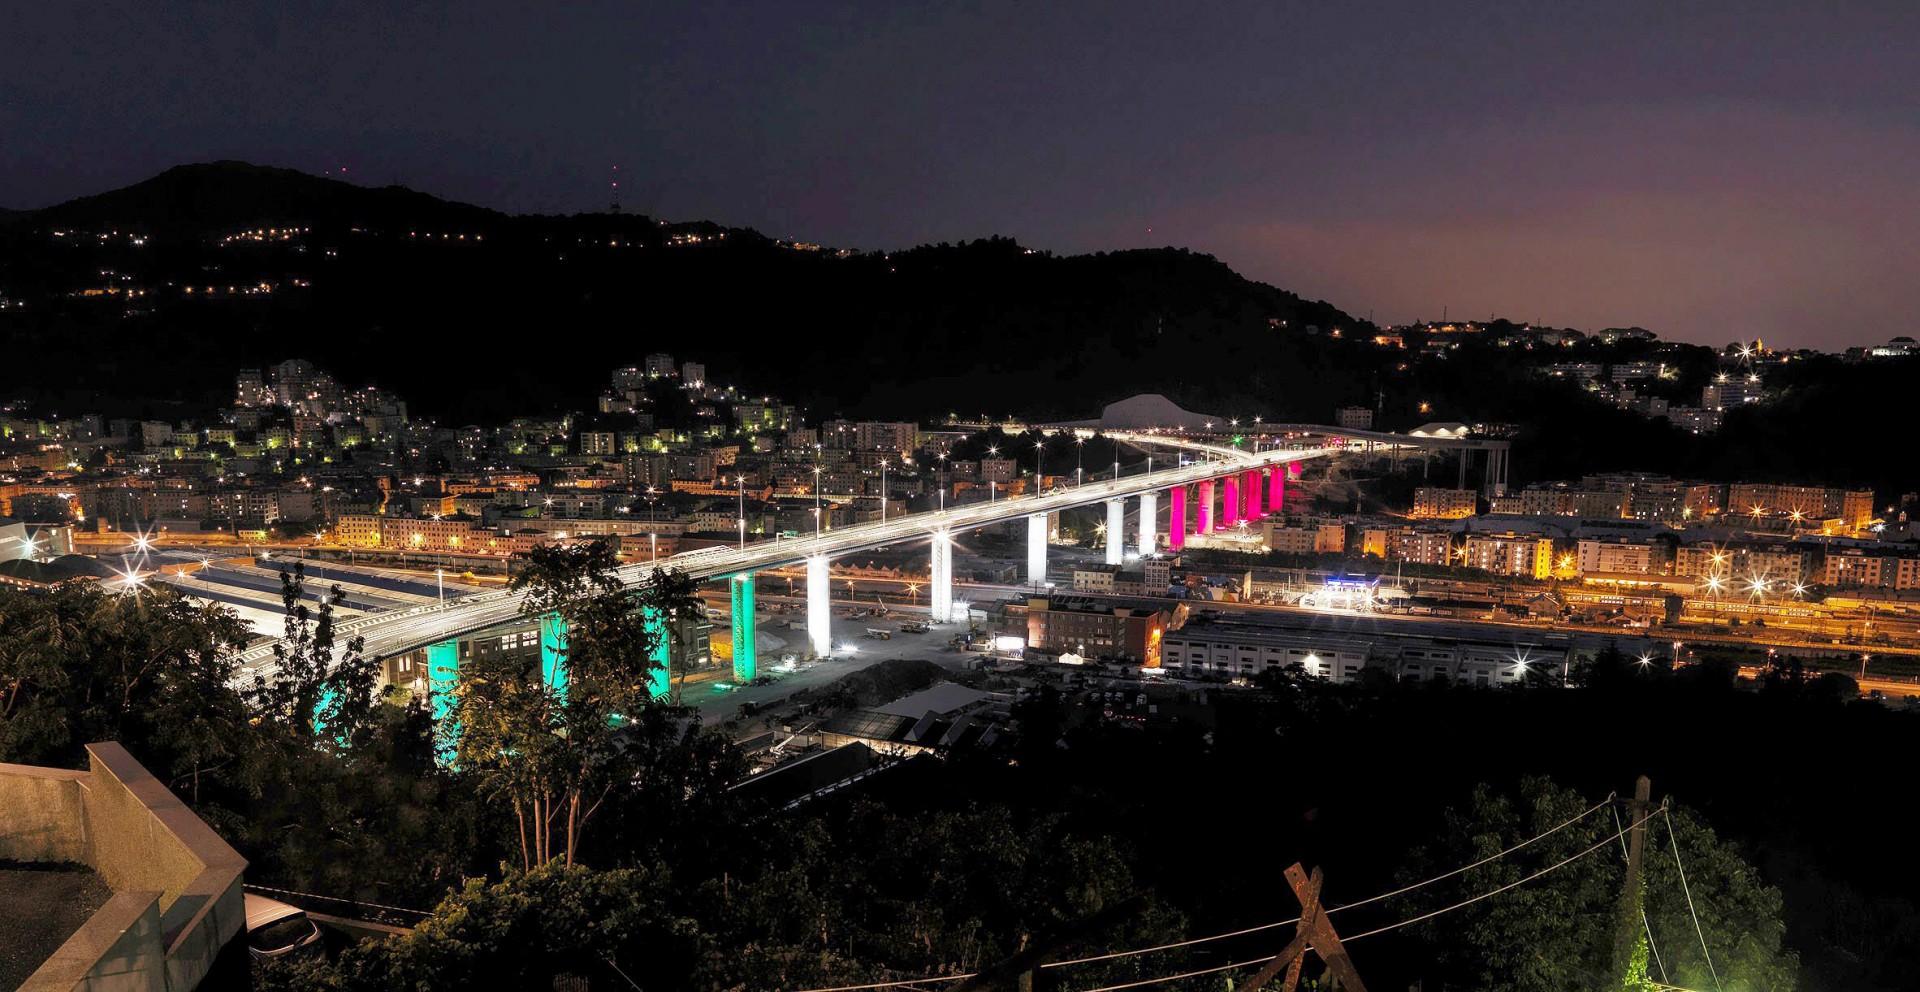 Visão noturna da ponte San Giorgio, em Gênova-Itália: 95% da energia consumida pela obra de arte será fornecida por placas fotovoltaicas Crédito: WeBuild e Fincantieri Infrastructure